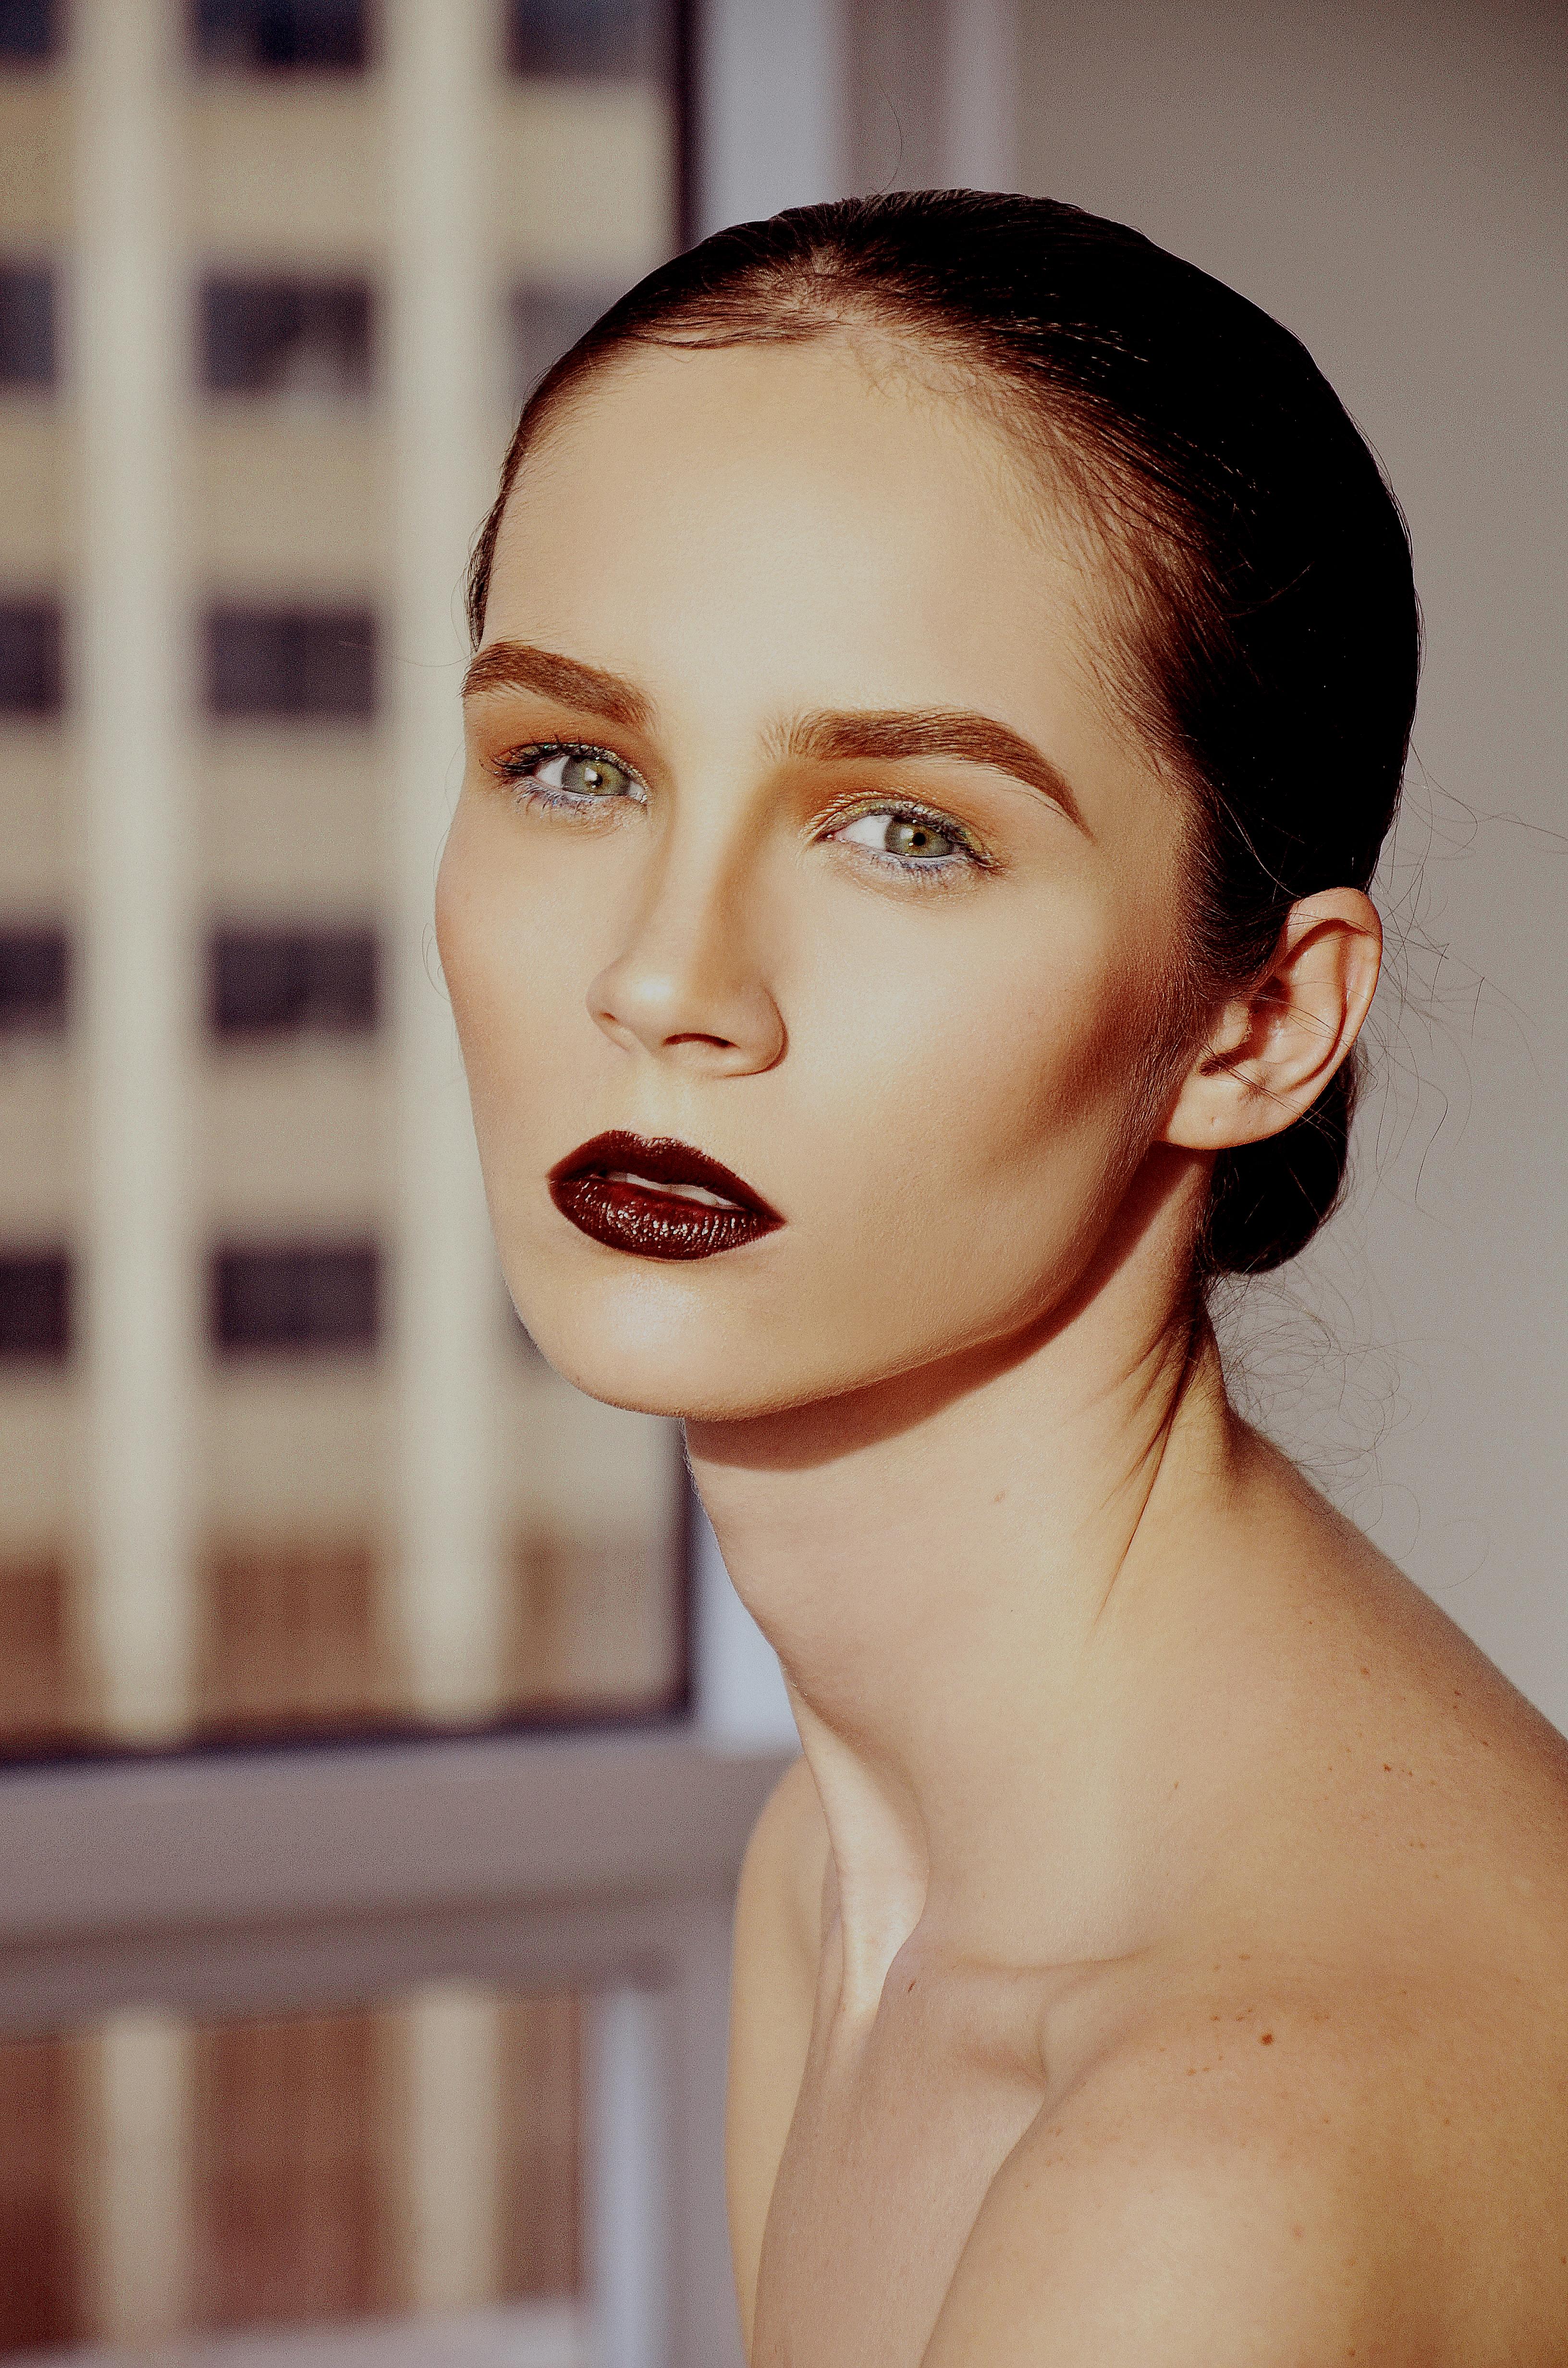 Britt Kline